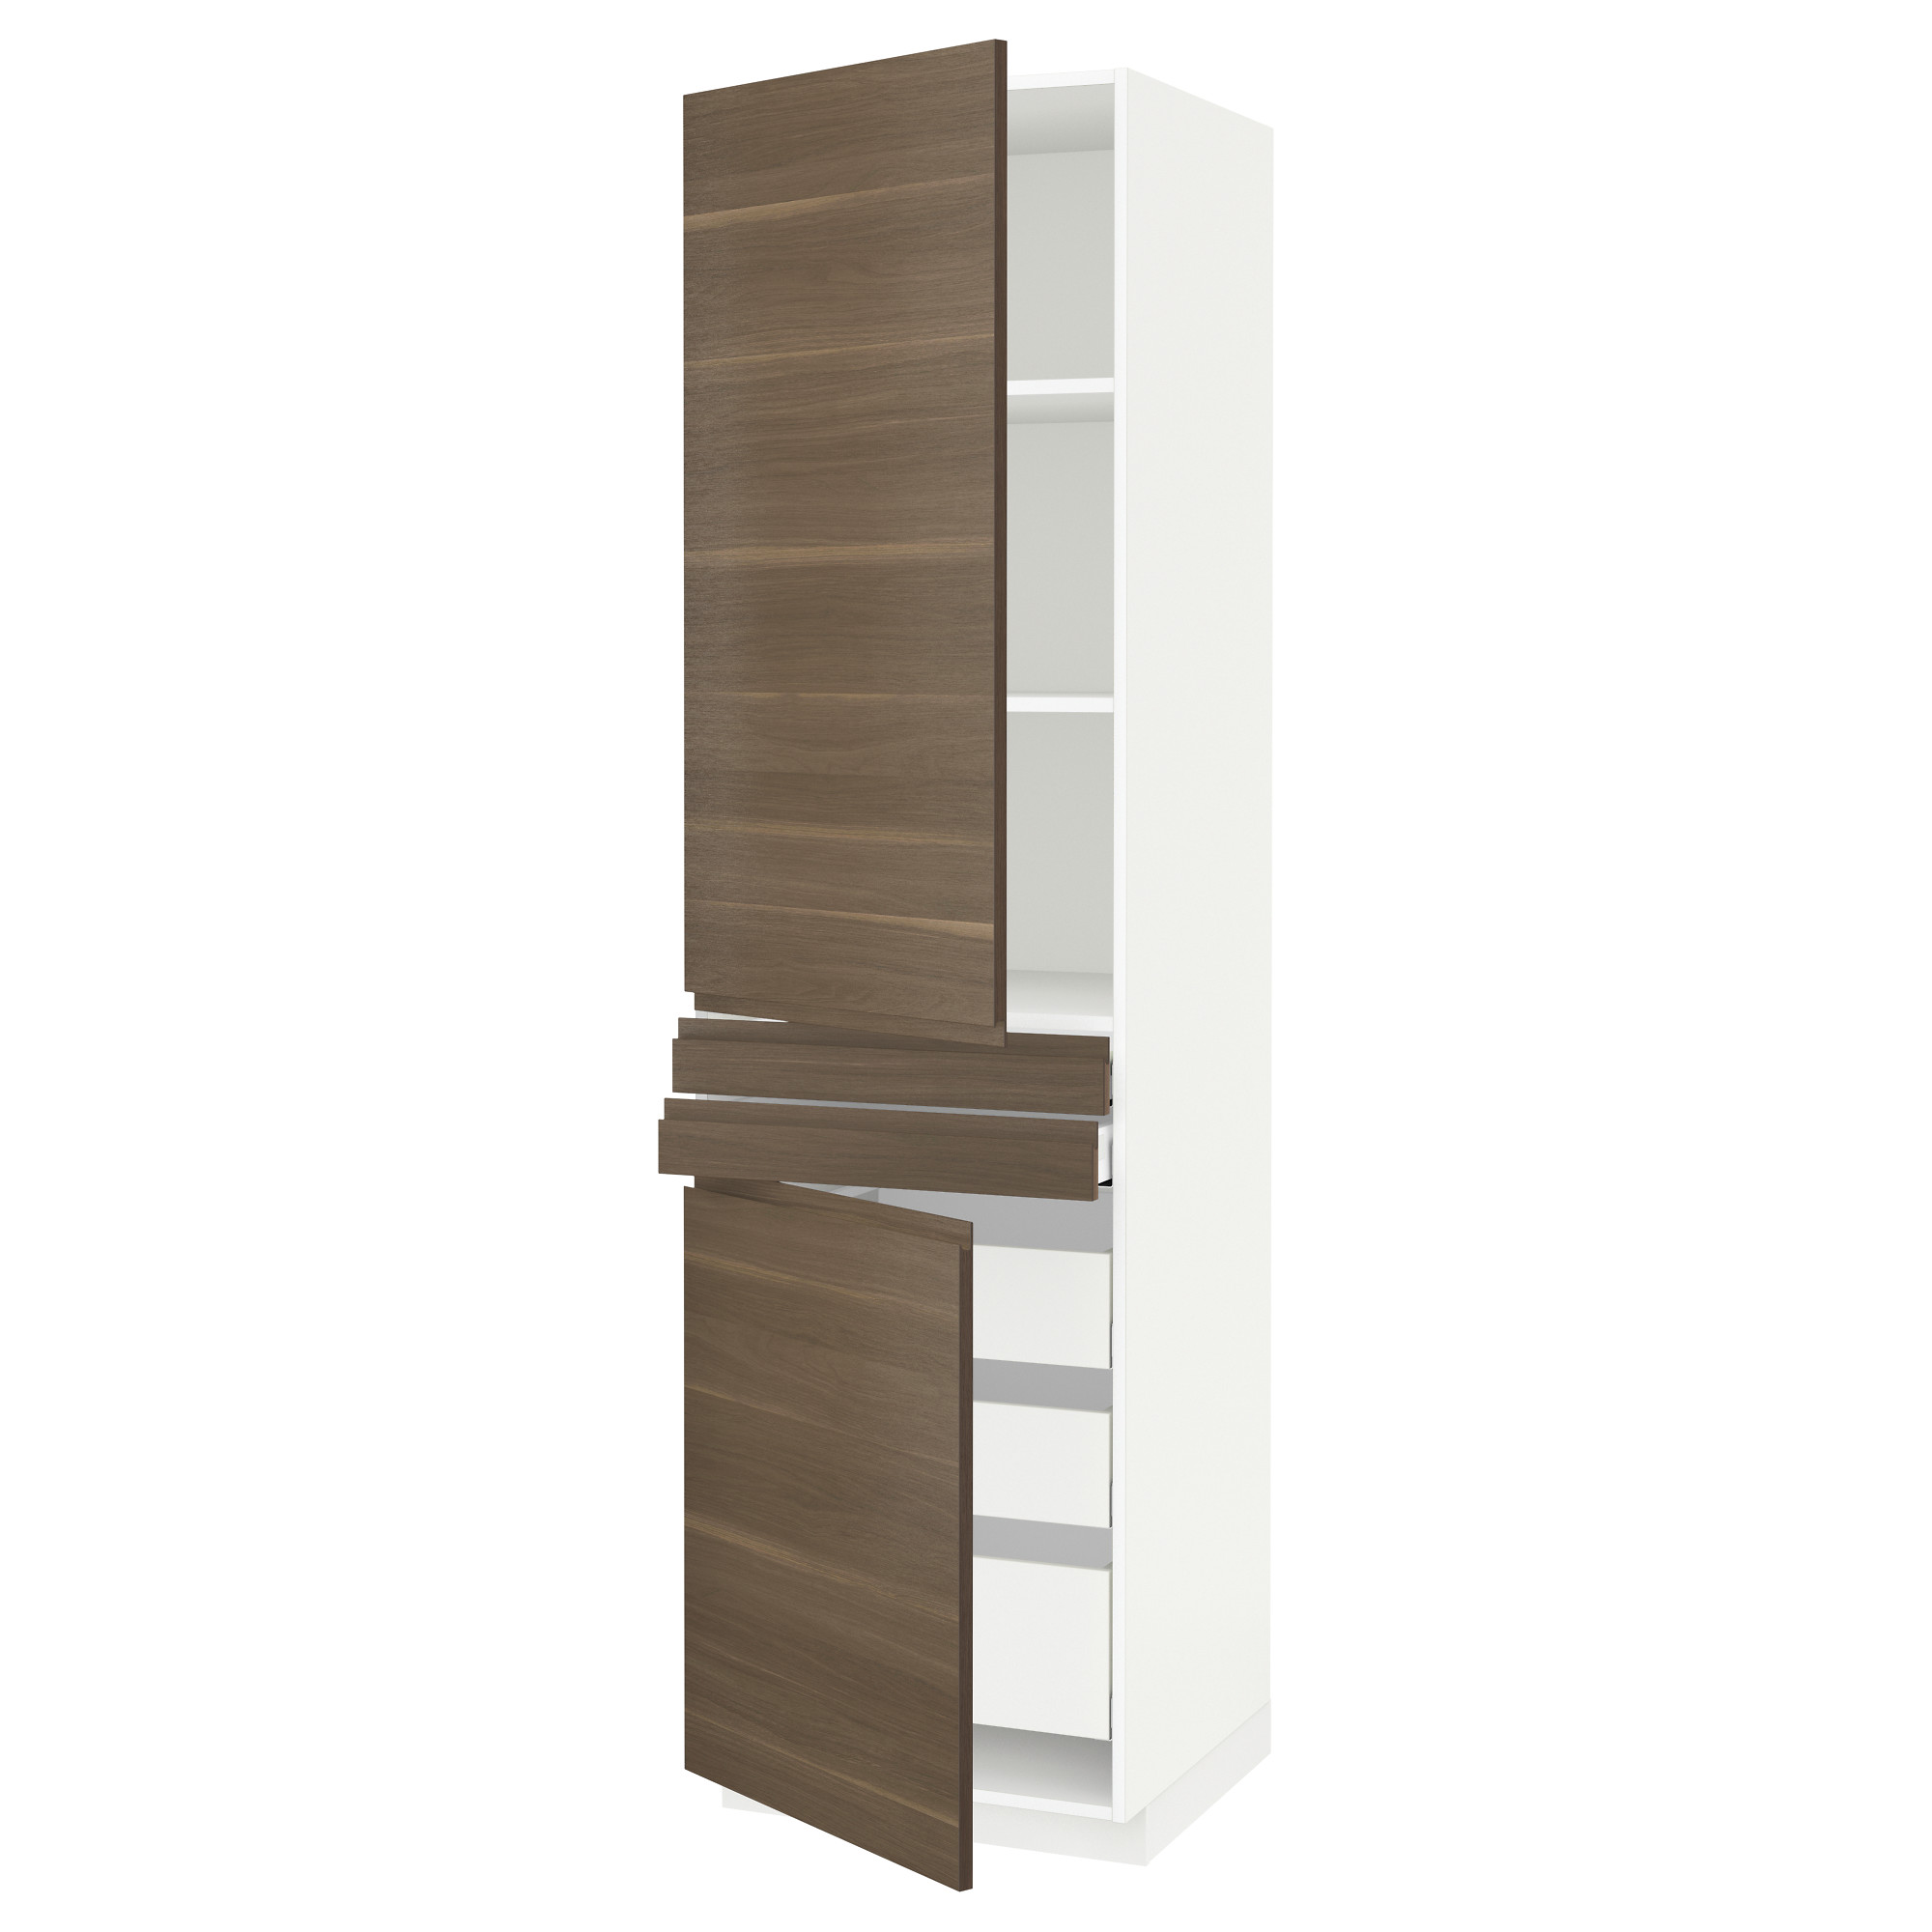 Высокий шкаф + полки, 5 ящиков, 2 дверцы, 2 фронтальных МЕТОД / МАКСИМЕРА белый артикуль № 492.389.39 в наличии. Онлайн магазин IKEA РБ. Быстрая доставка и установка.